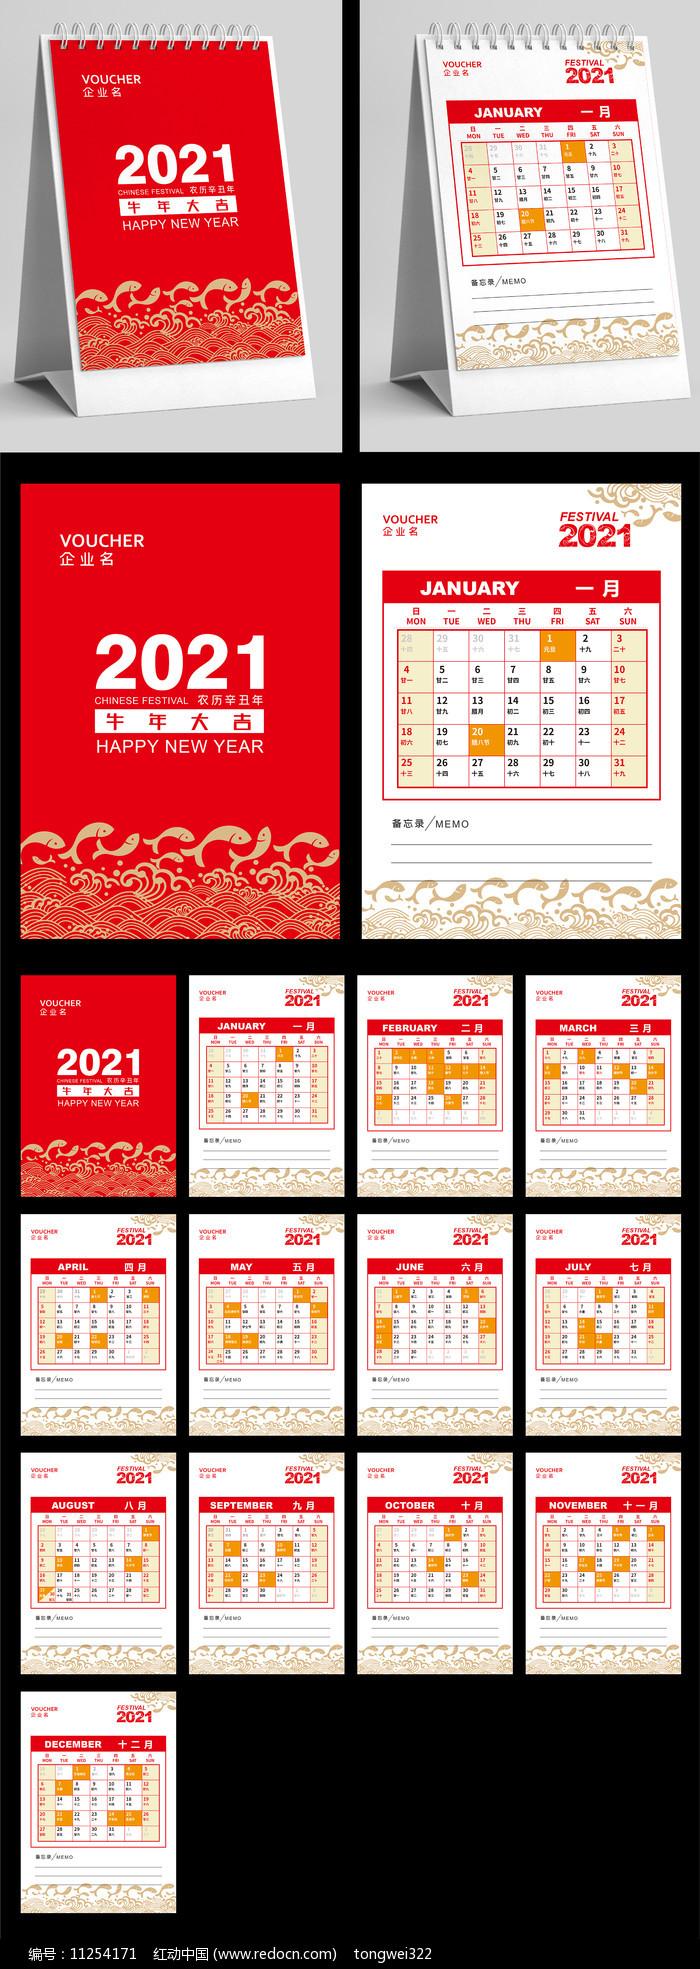 20201牛年红色中国风竖版台历设计